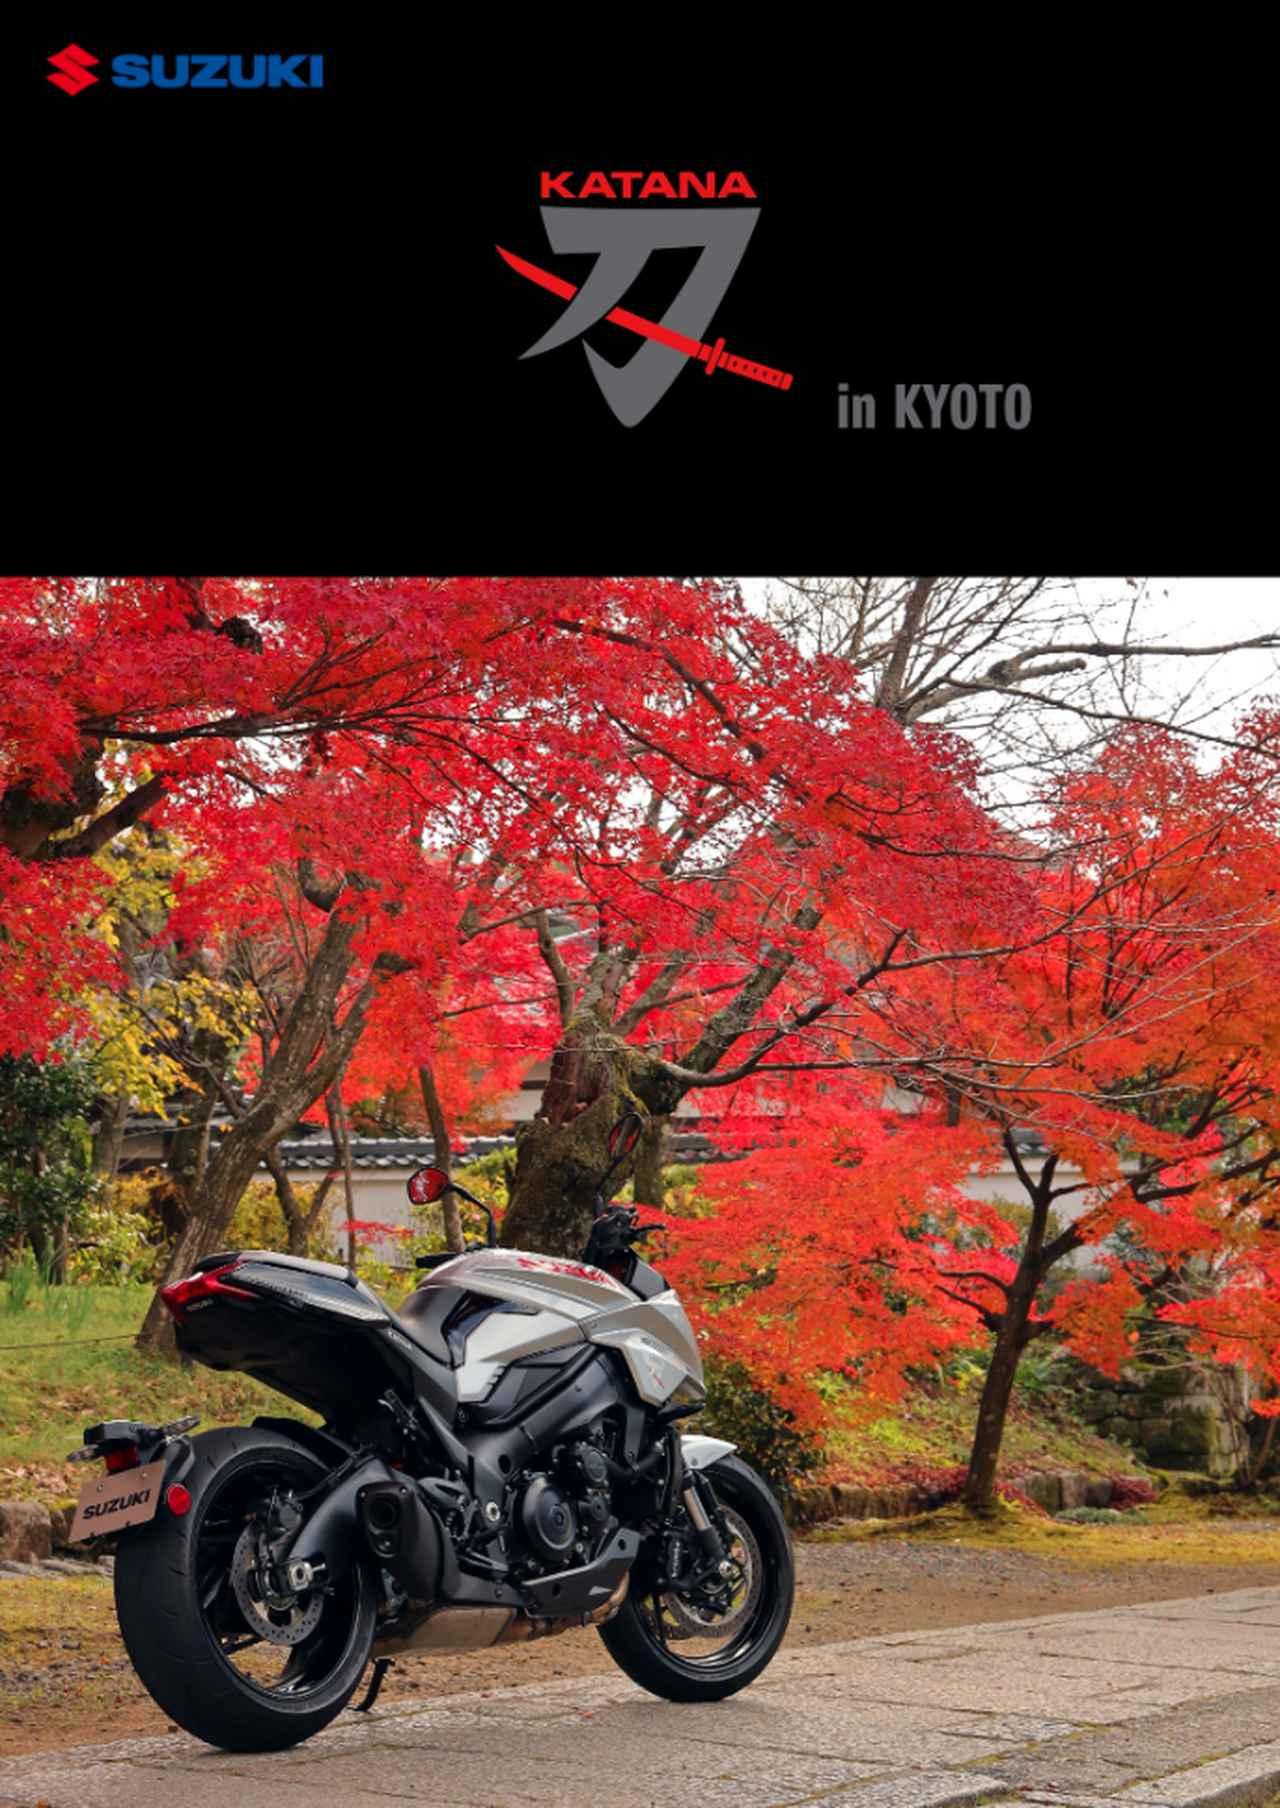 画像: 写真をタップで特設サイトへジャンプします www1.suzuki.co.jp